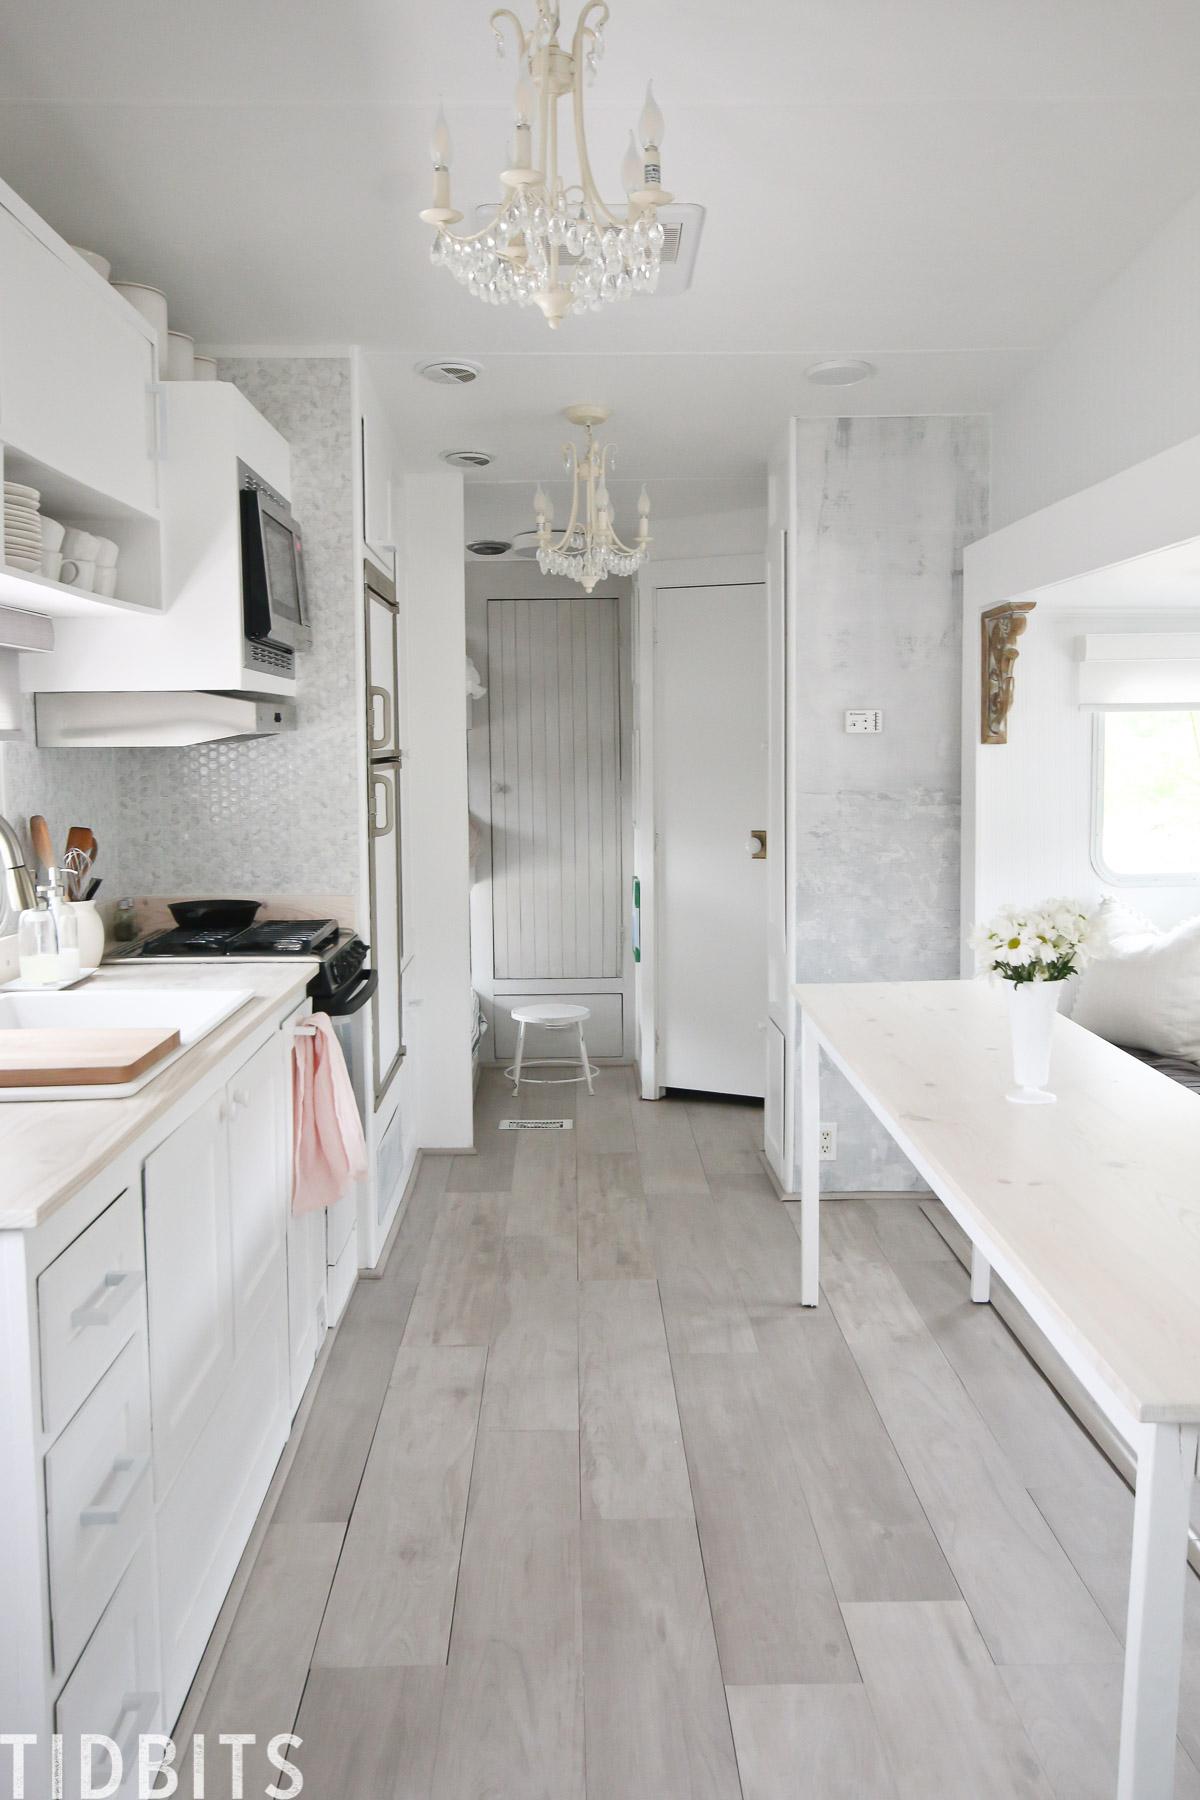 Rv Renovation Kitchen Details Tidbits